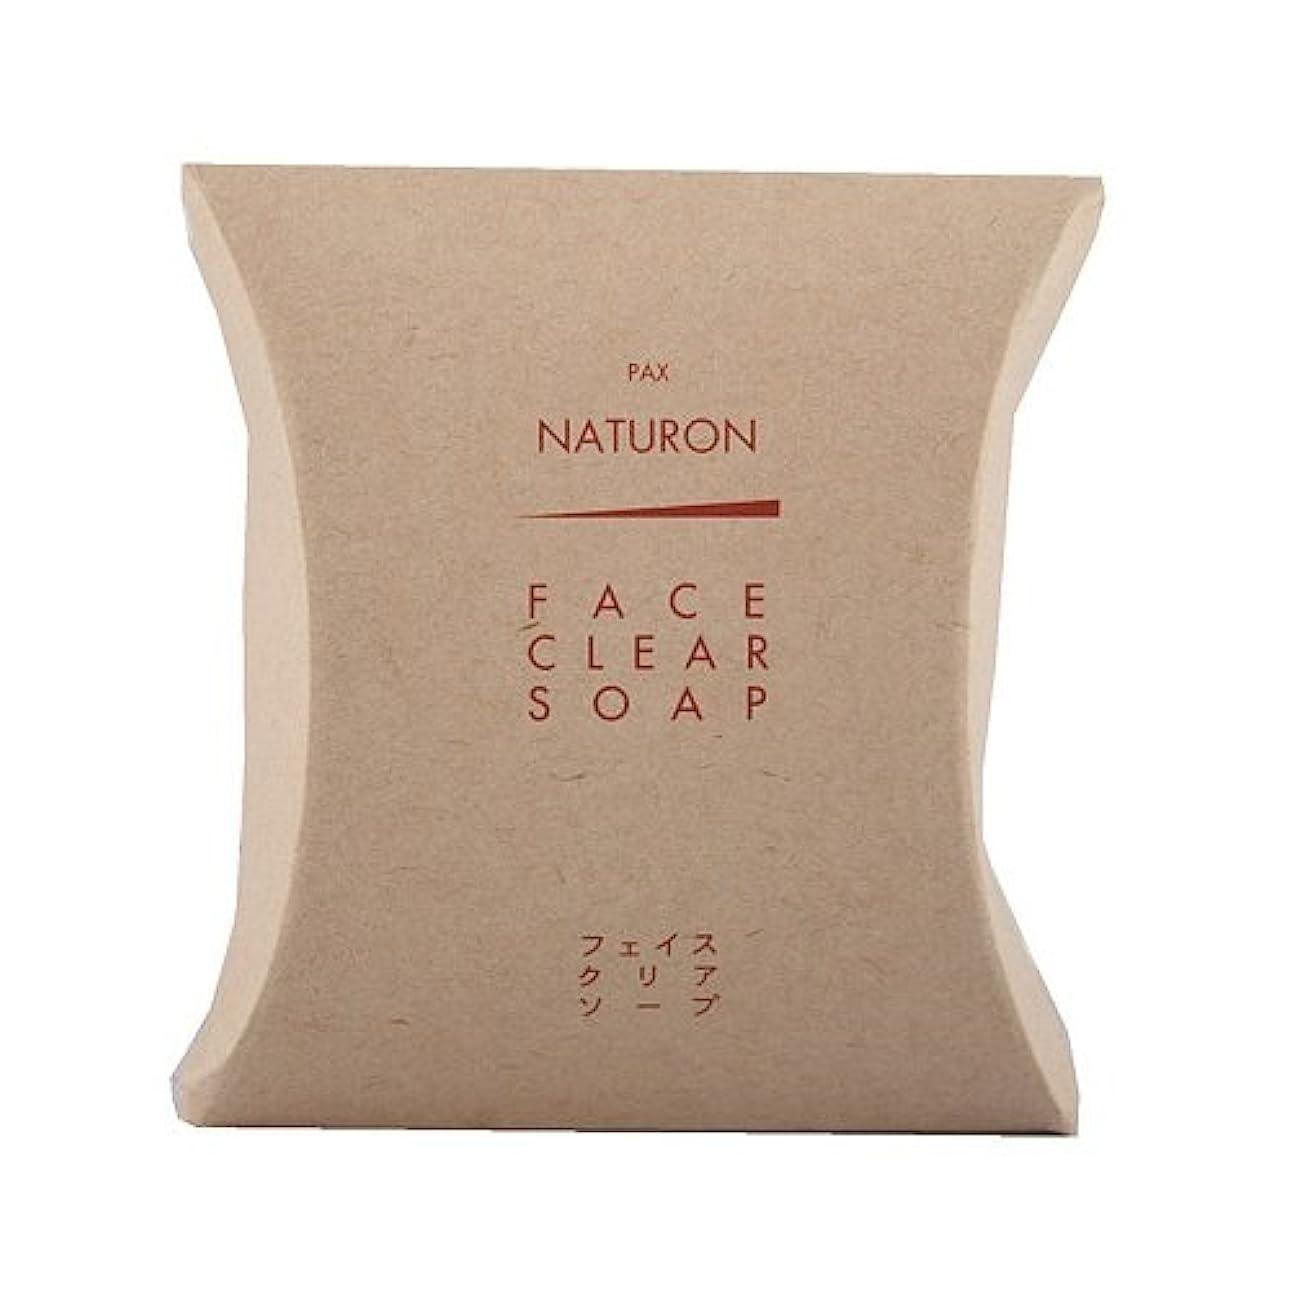 なめらかなラフ睡眠避けられないパックスナチュロンフェイスクリアソープ (洗顔用固形石鹸) 95g